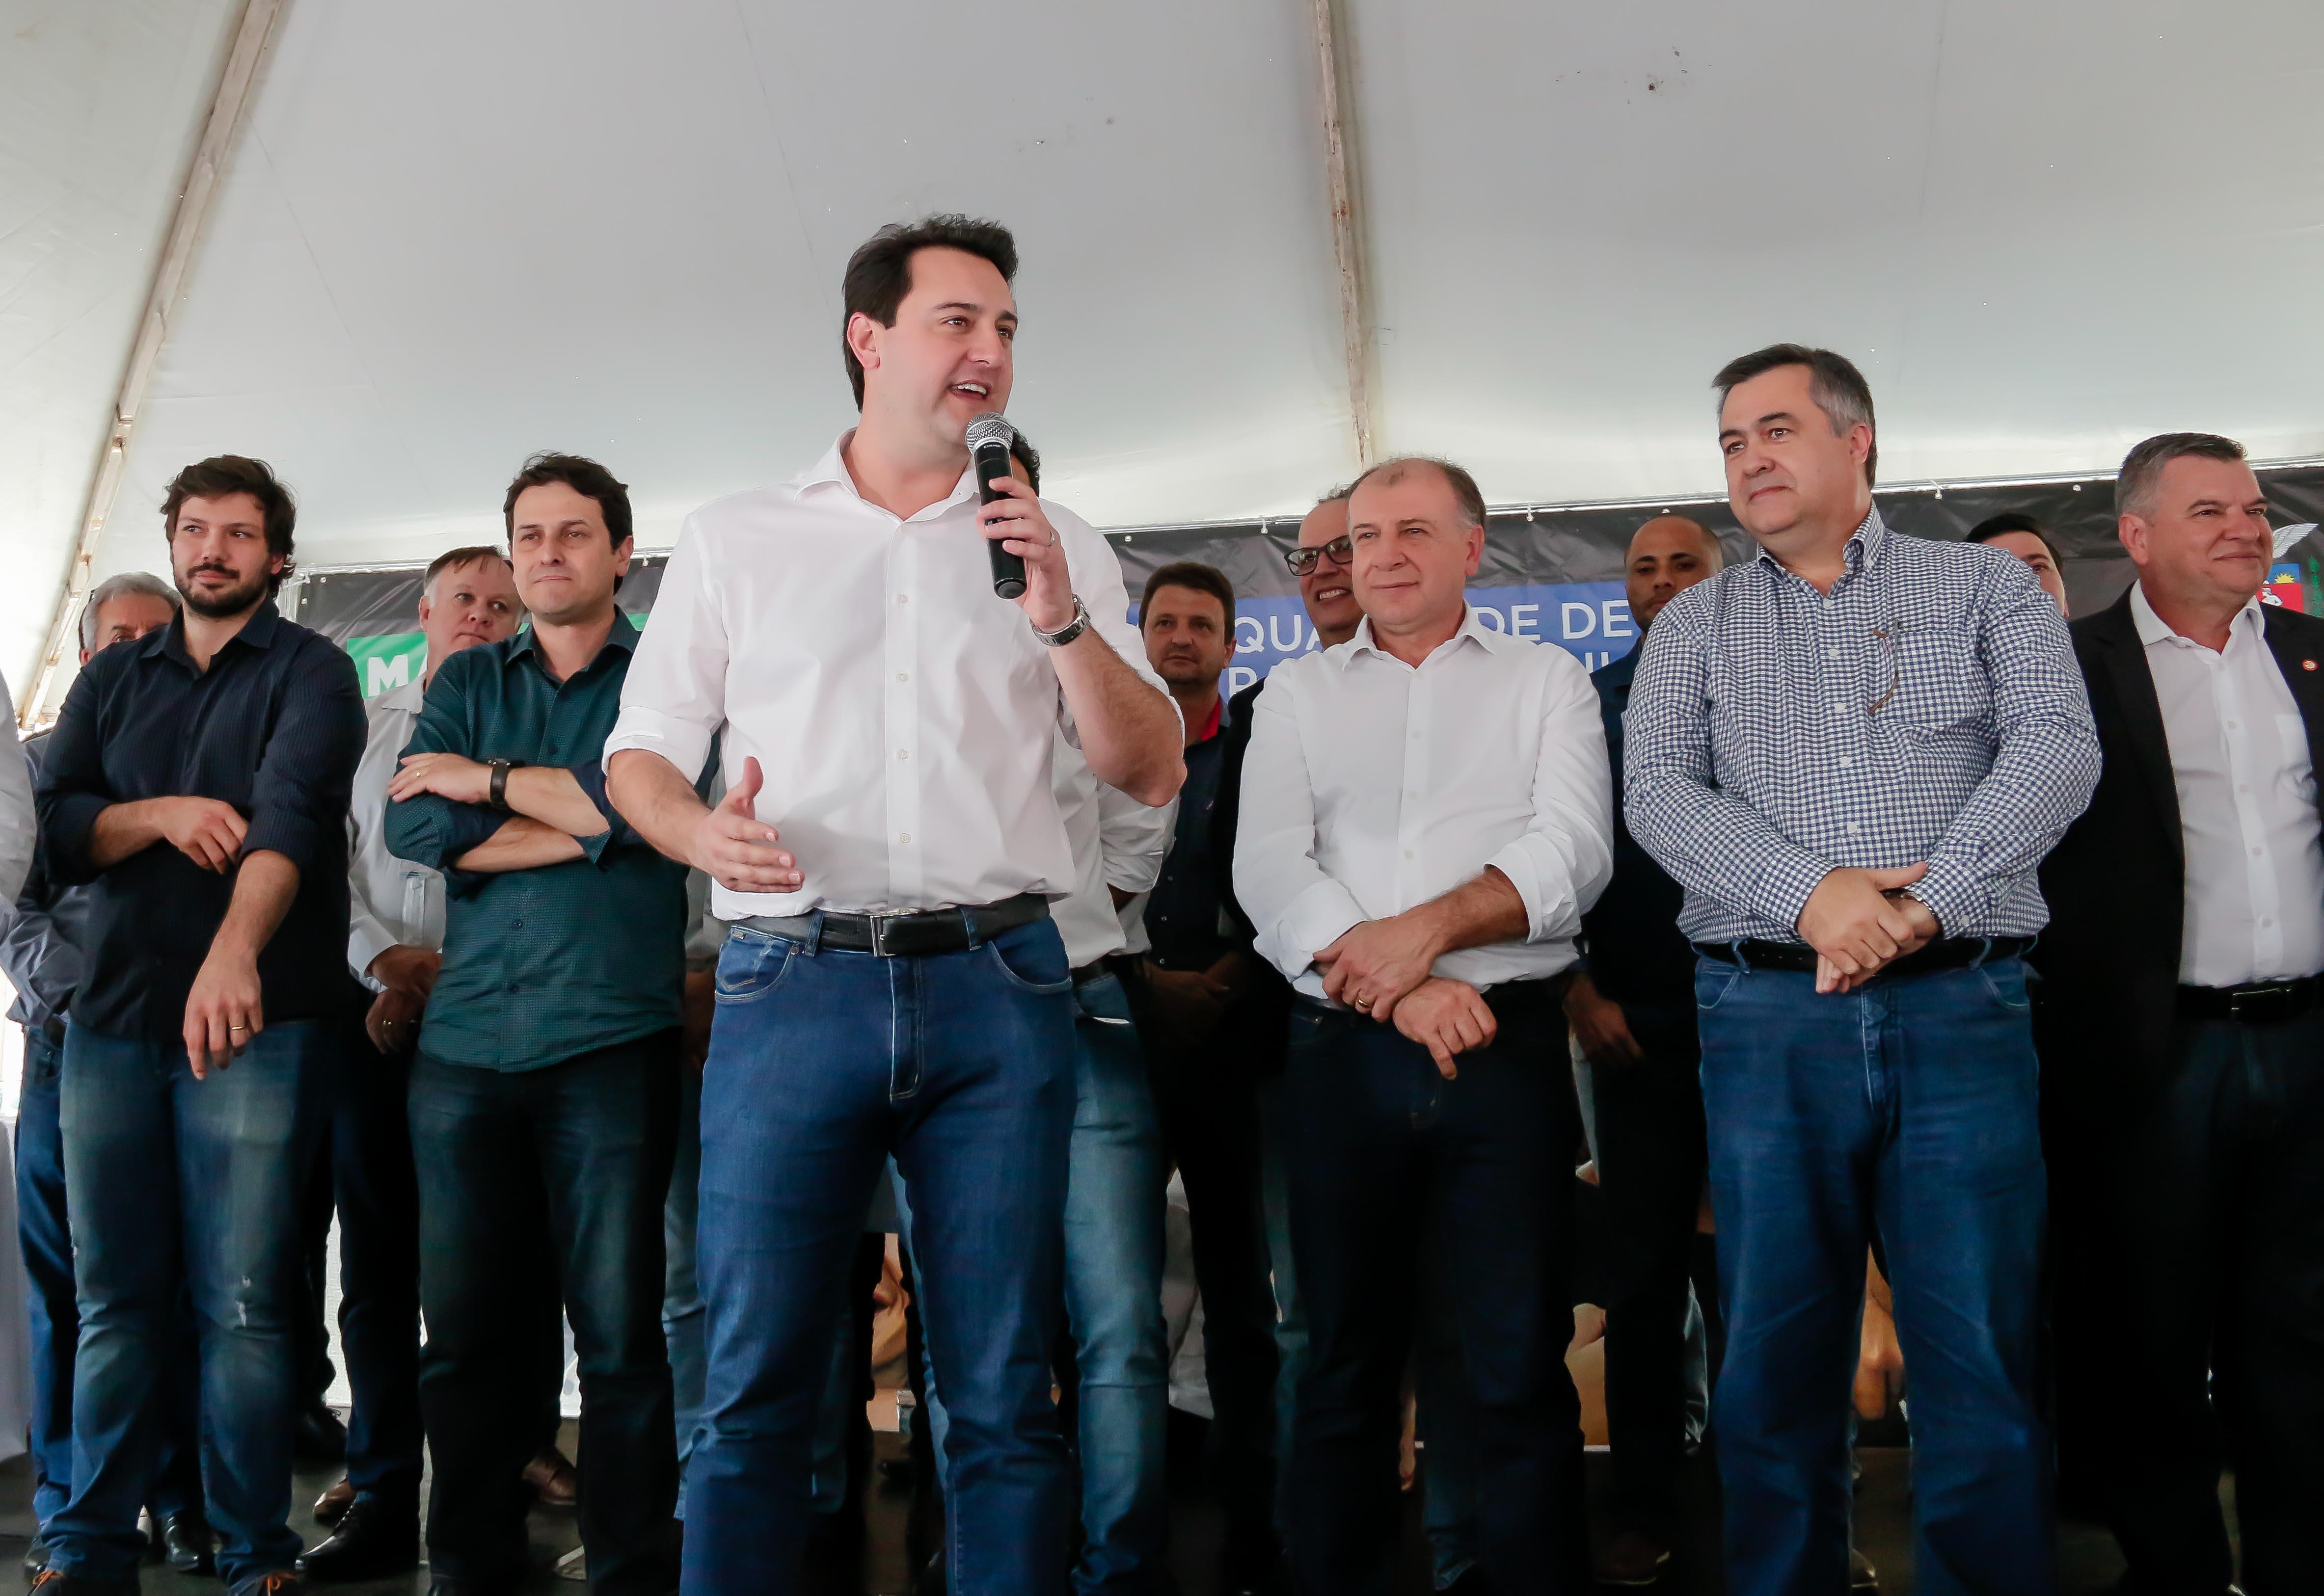 Além de Apucarana, Ratinho Júnior aproveitou o evento para liberar recursos para obras, aquisição de veículos e maquinários para outros 23 municípios do Vale do Ivaí, Norte e Norte Pioneiro do Paraná. Foto: Edson Denobi